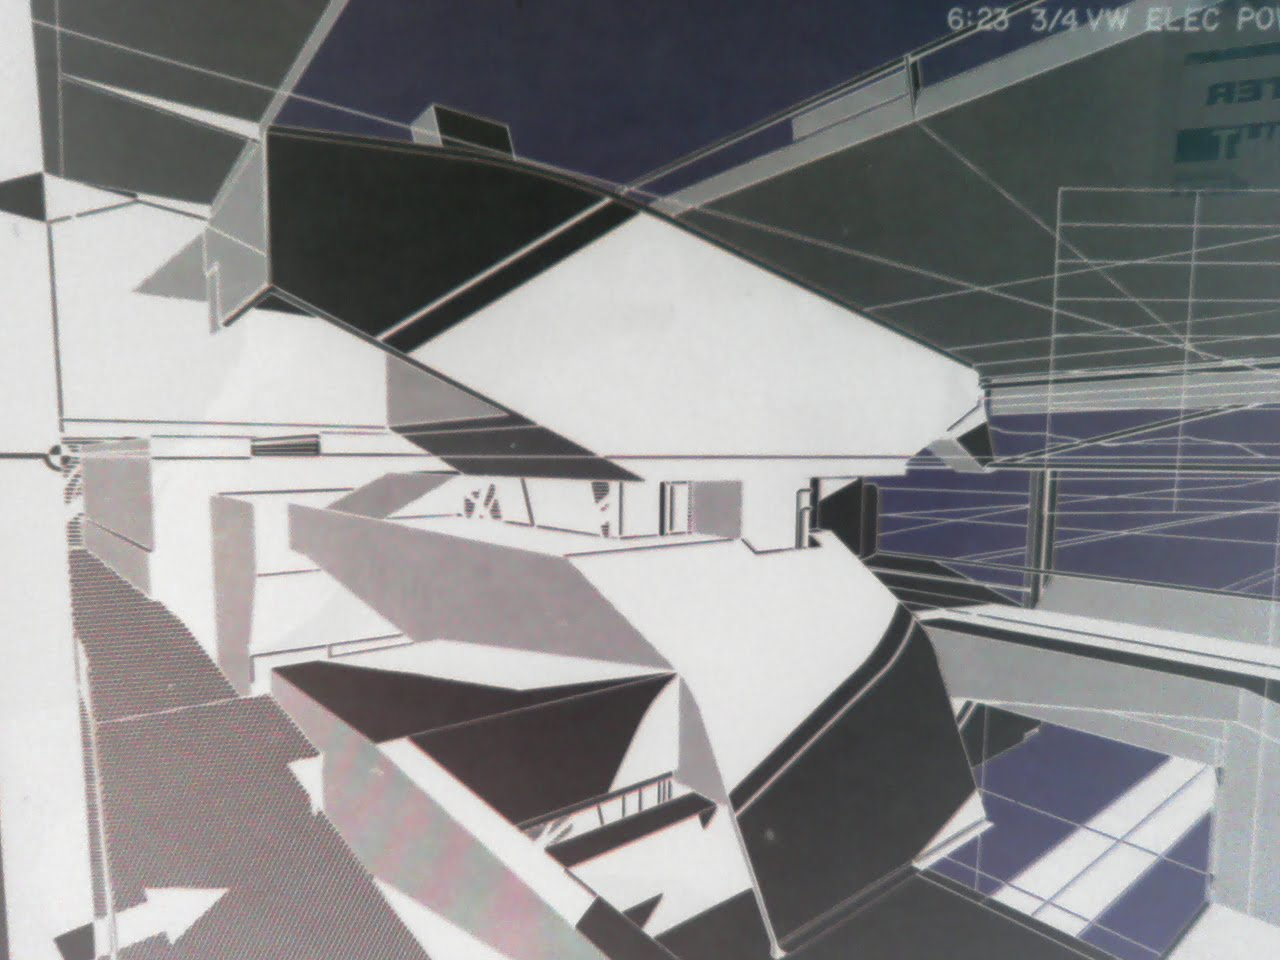 Atelier RE: 2010-09-05